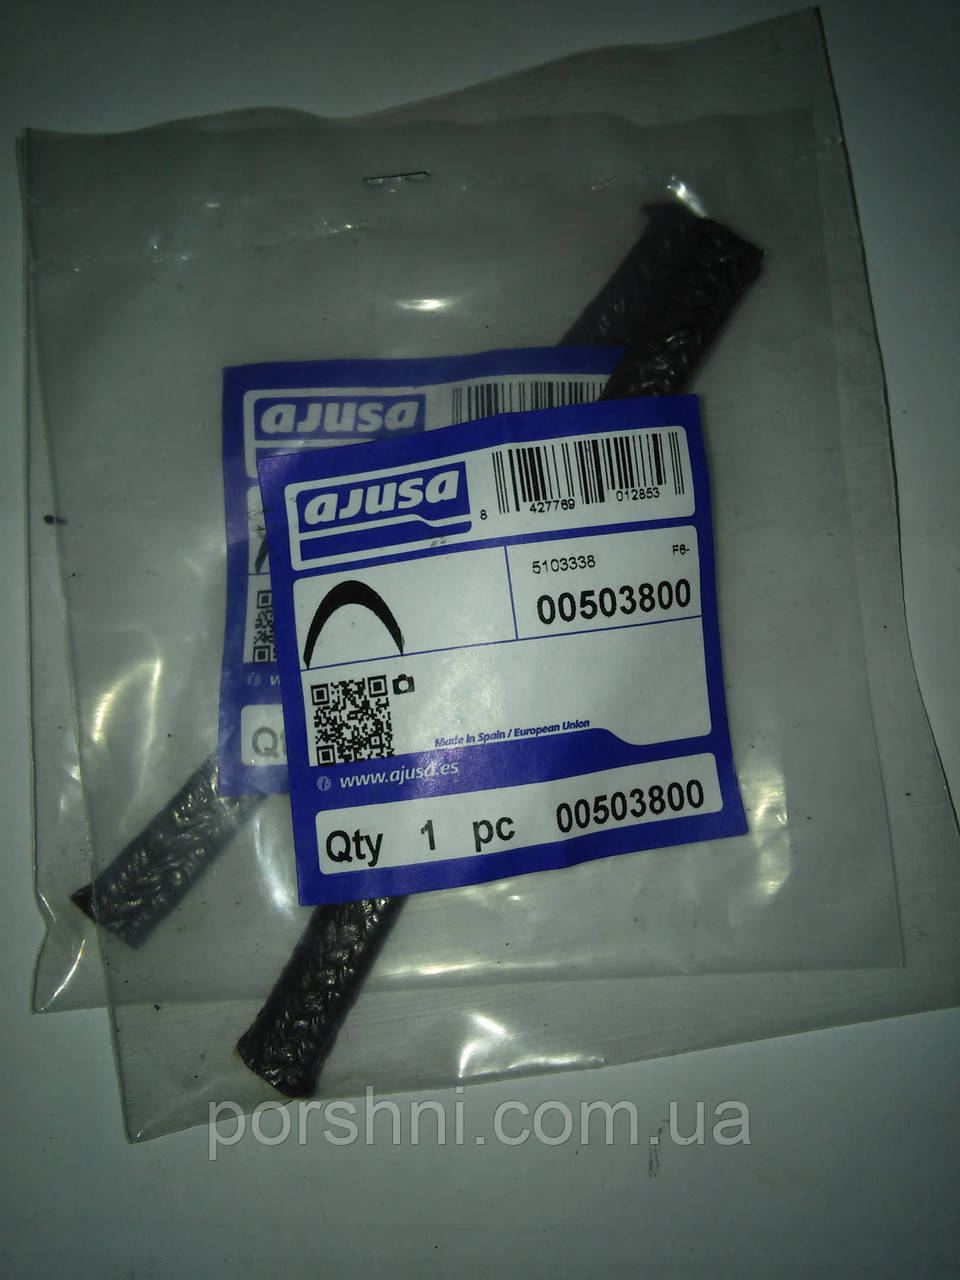 Сальниковая  набивка Ford Sierra  2,3 D  AJUSA 00503800   2шт